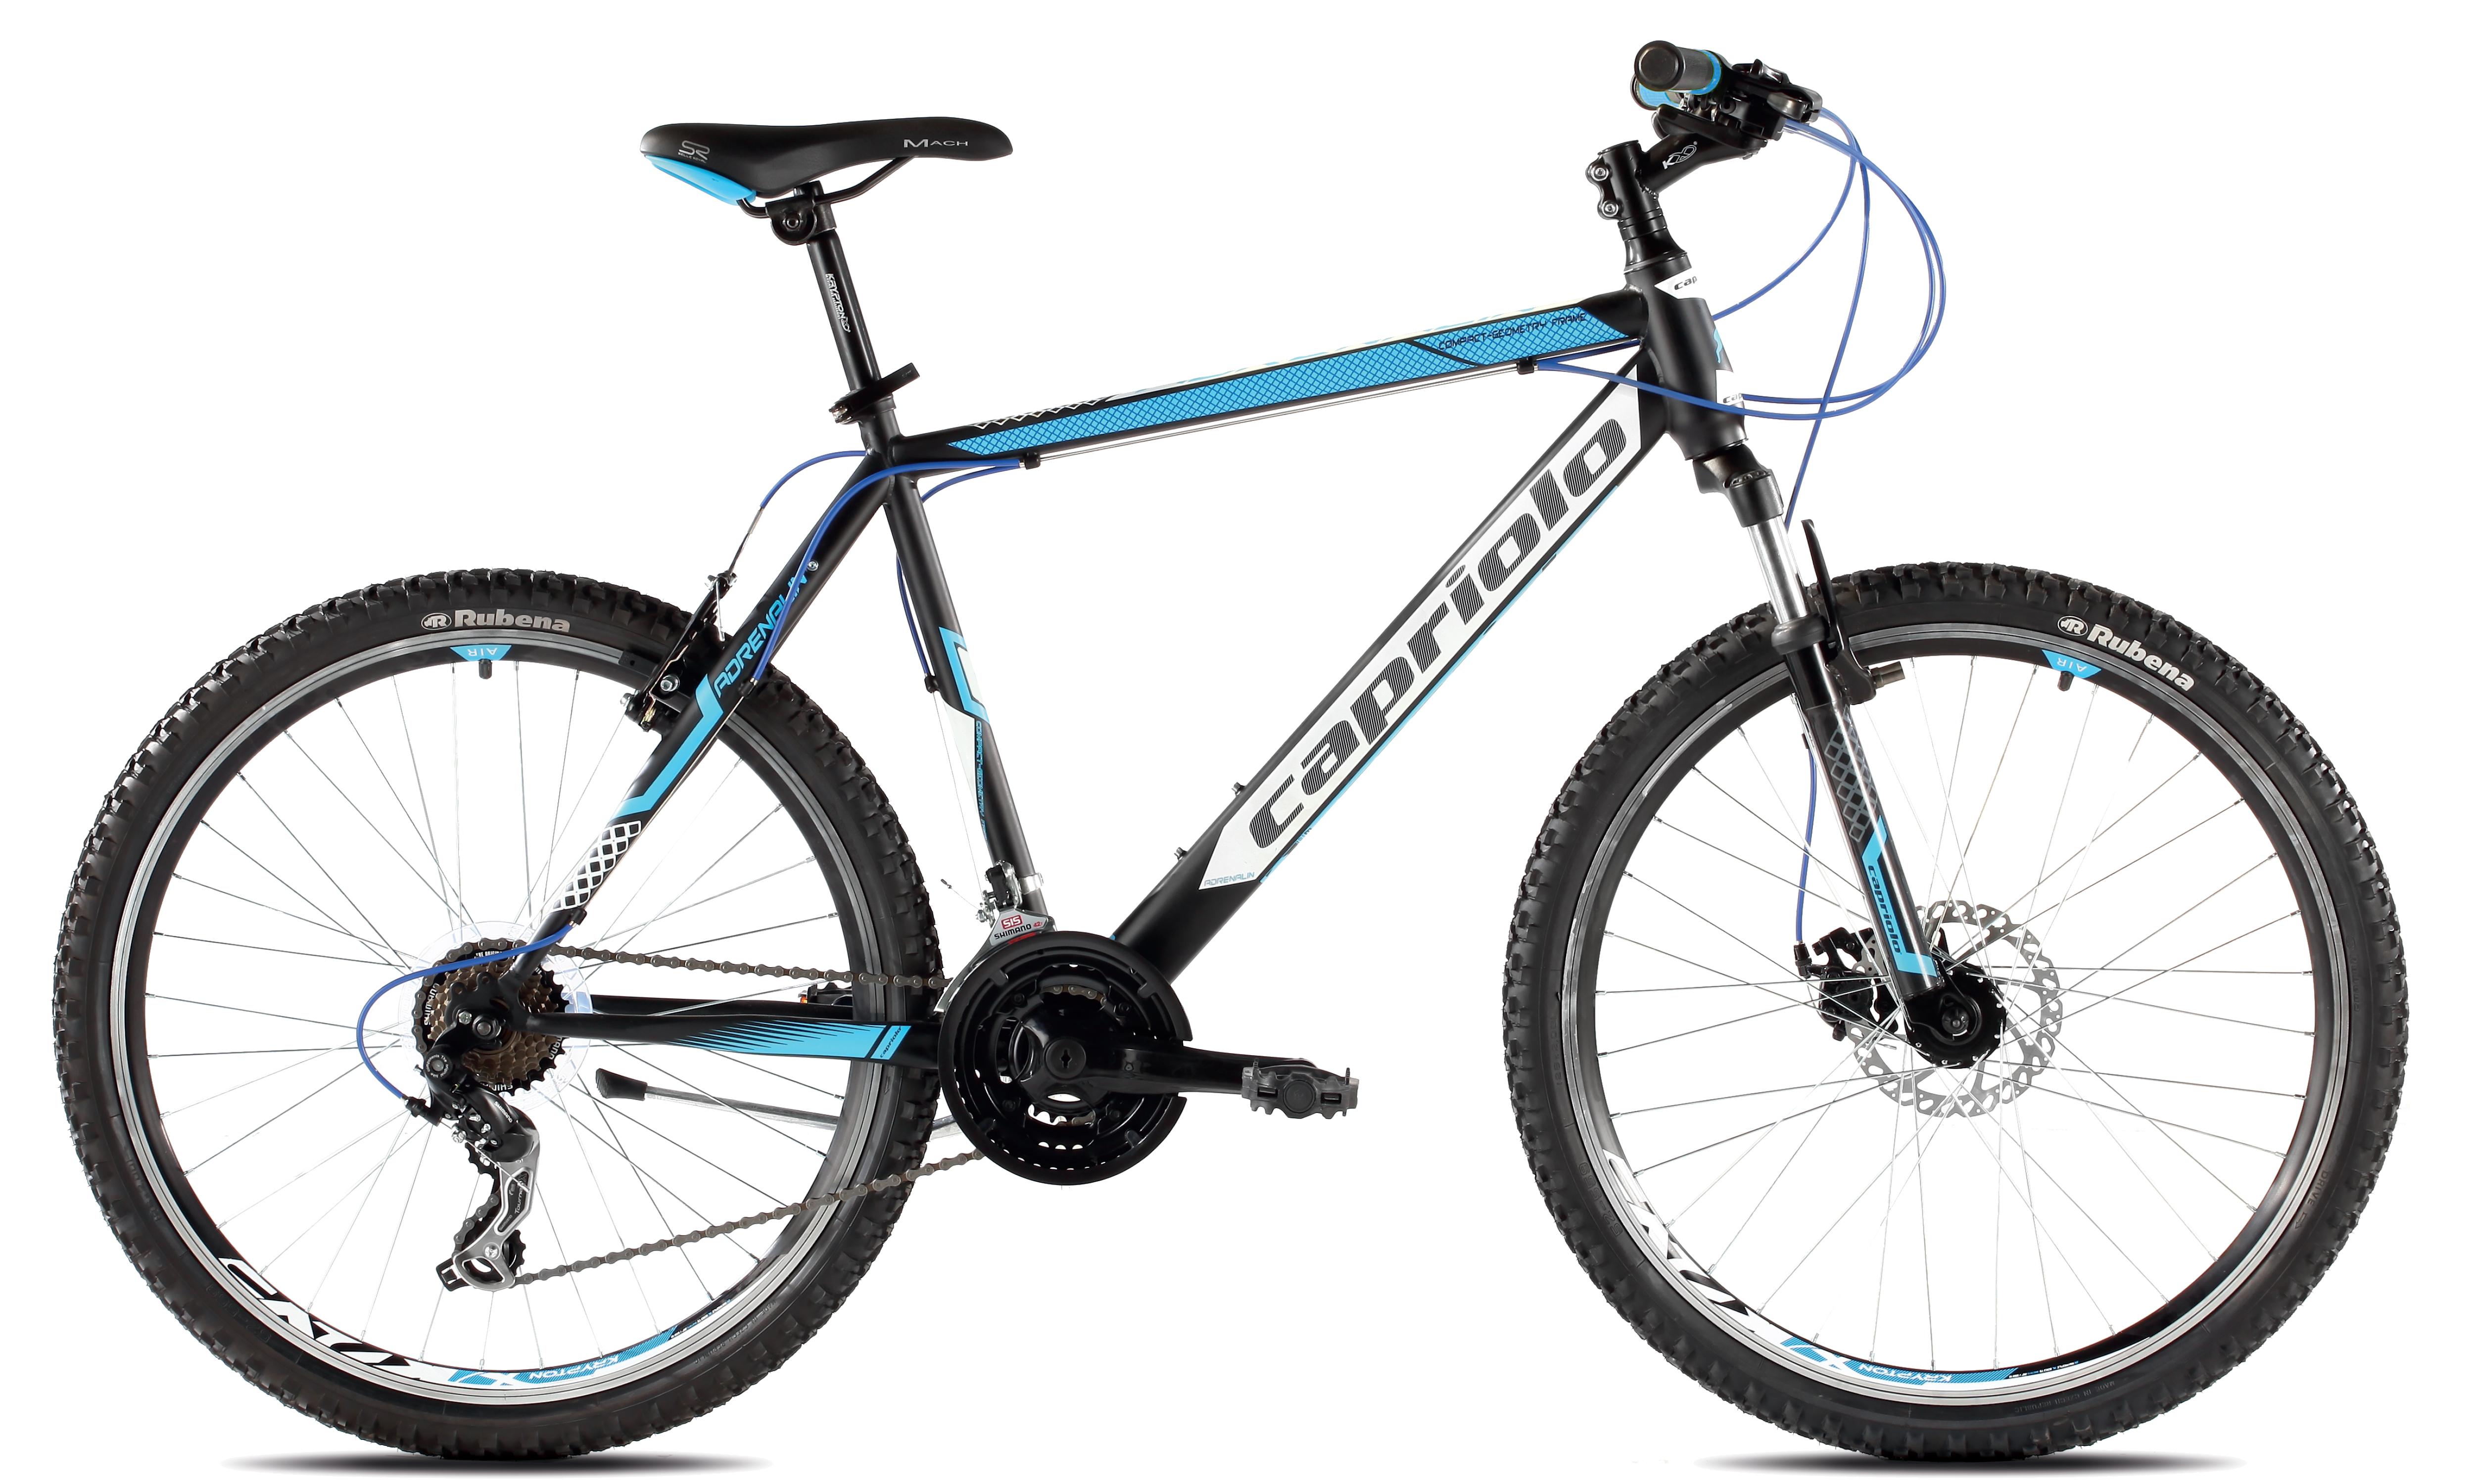 bicikl-capriolo-adrenalin-26-plavo-crna-2016-20